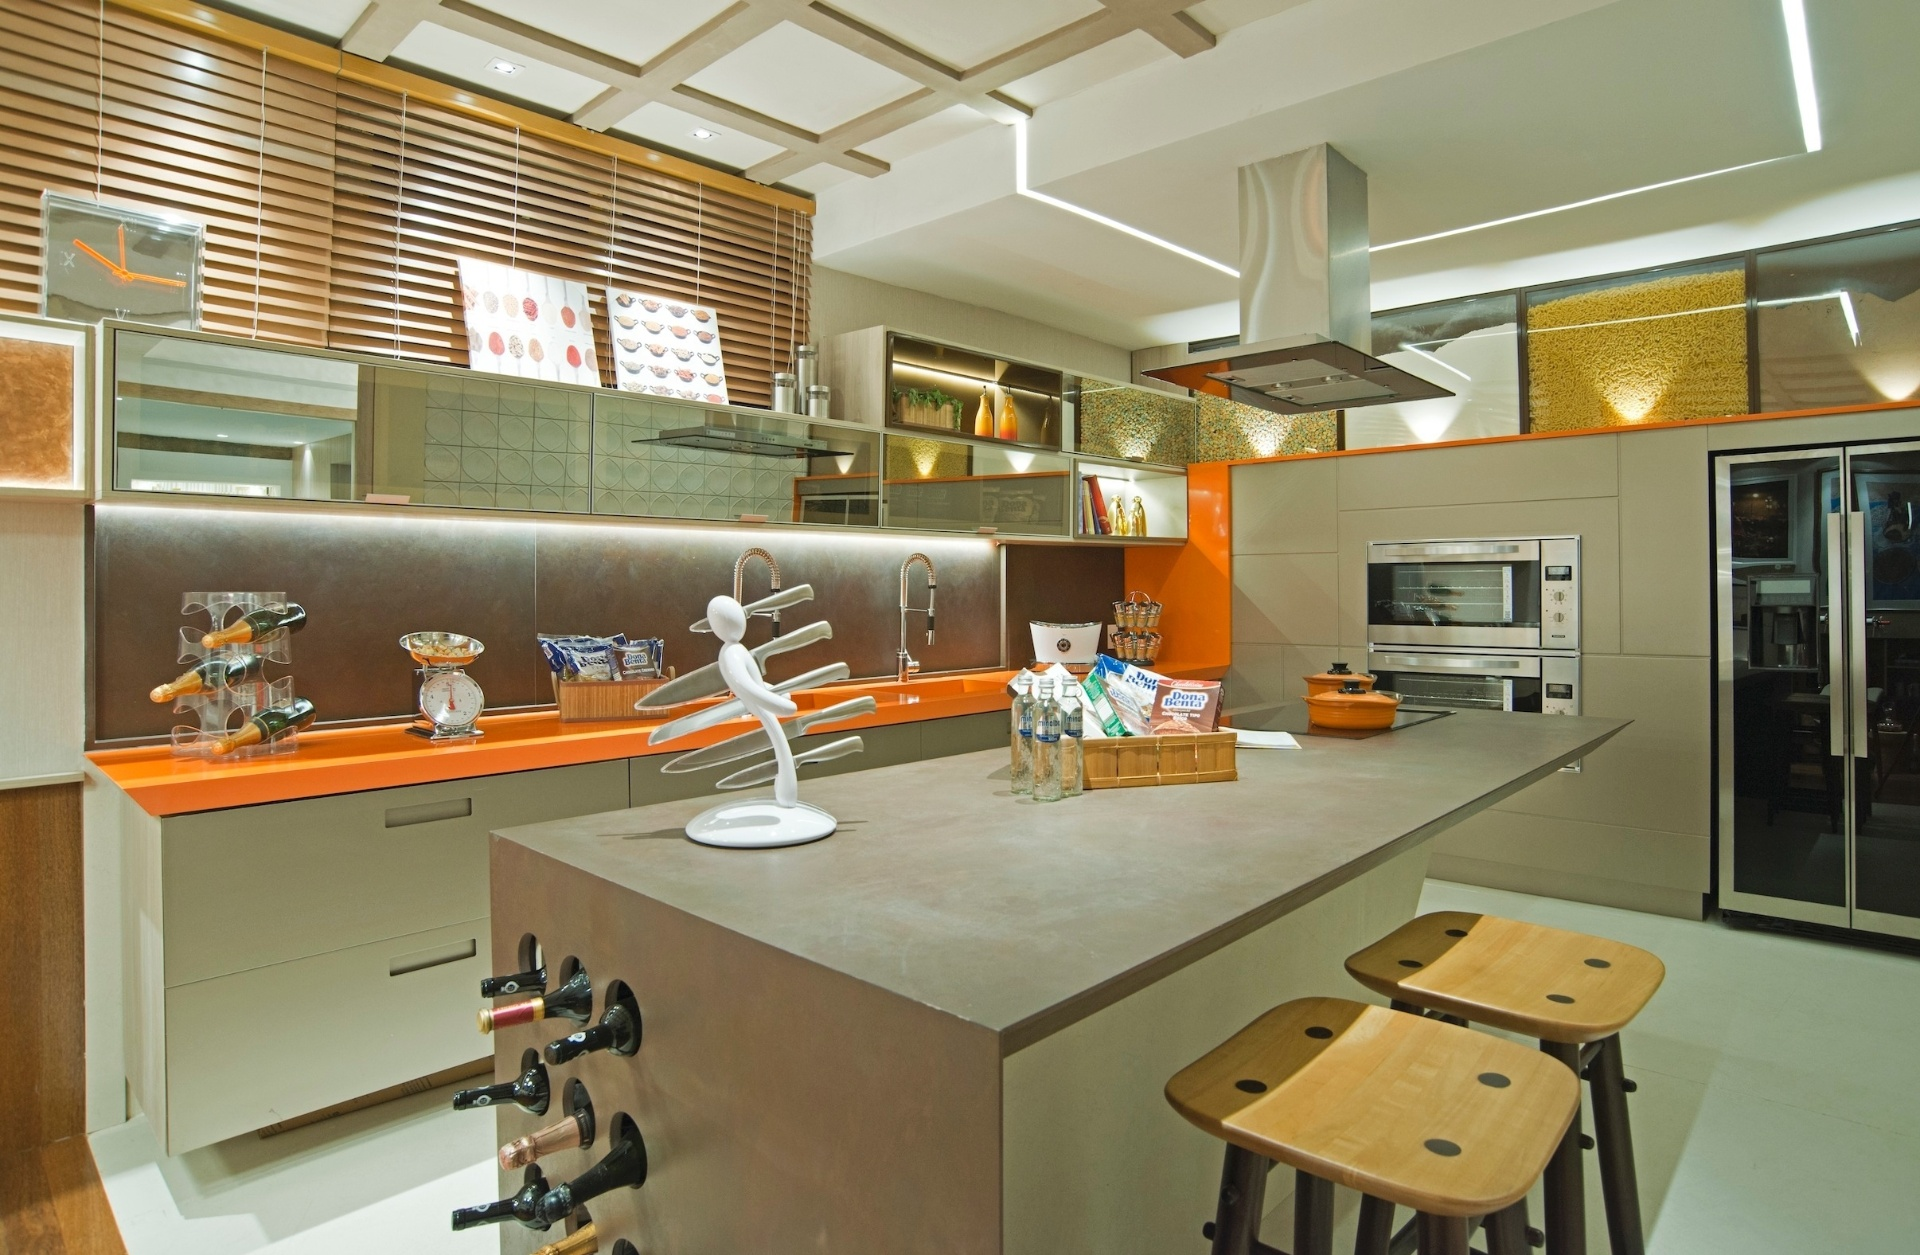 31 Modelos Incr Veis De Cozinhas Planejadas Pequenas